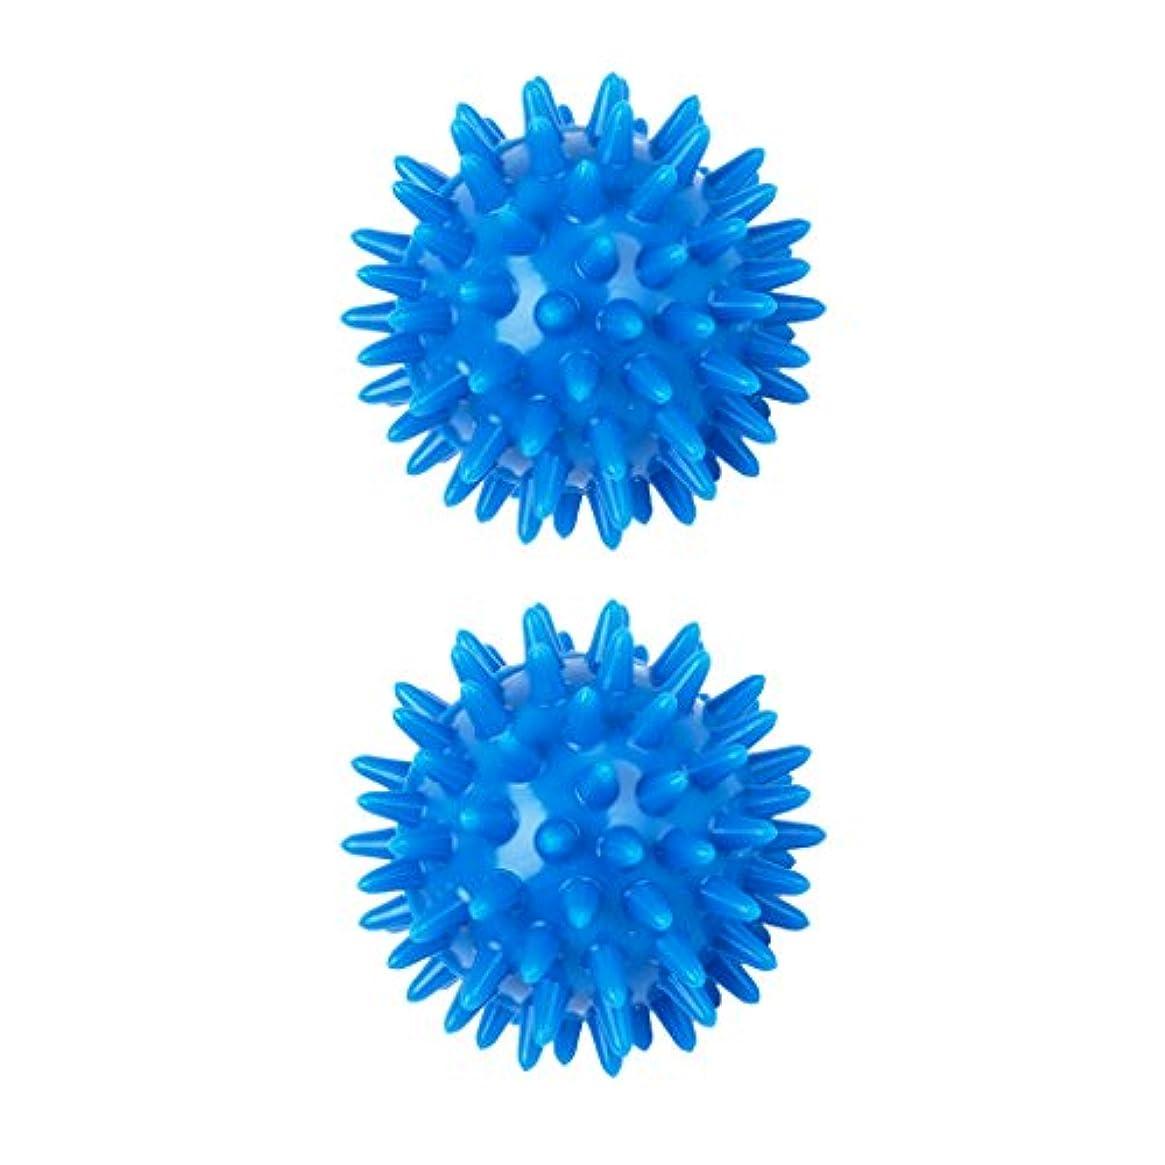 指導するきらめき退化する2個 足 足首 背中 マッサージボール 筋肉緊張和らげ 血液循環促進 5.5cm PVC製 ブルー